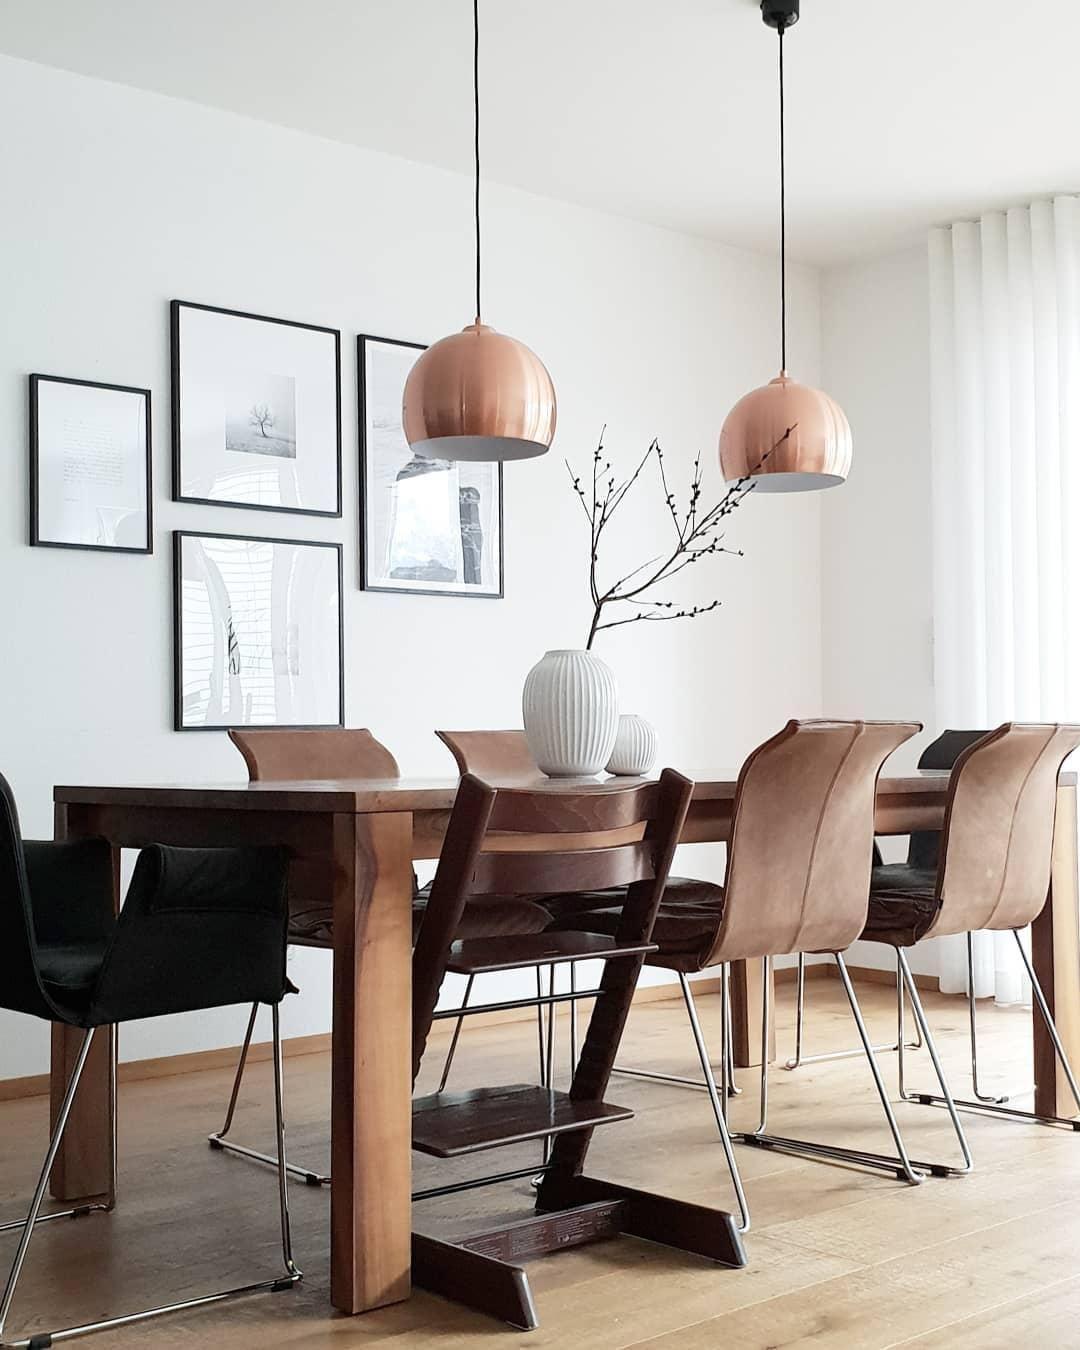 Dark wood ein wundersch ner esstisch und st hle im dunklen holz kombiniert mit eleganten - Bilderwand skandinavisch ...